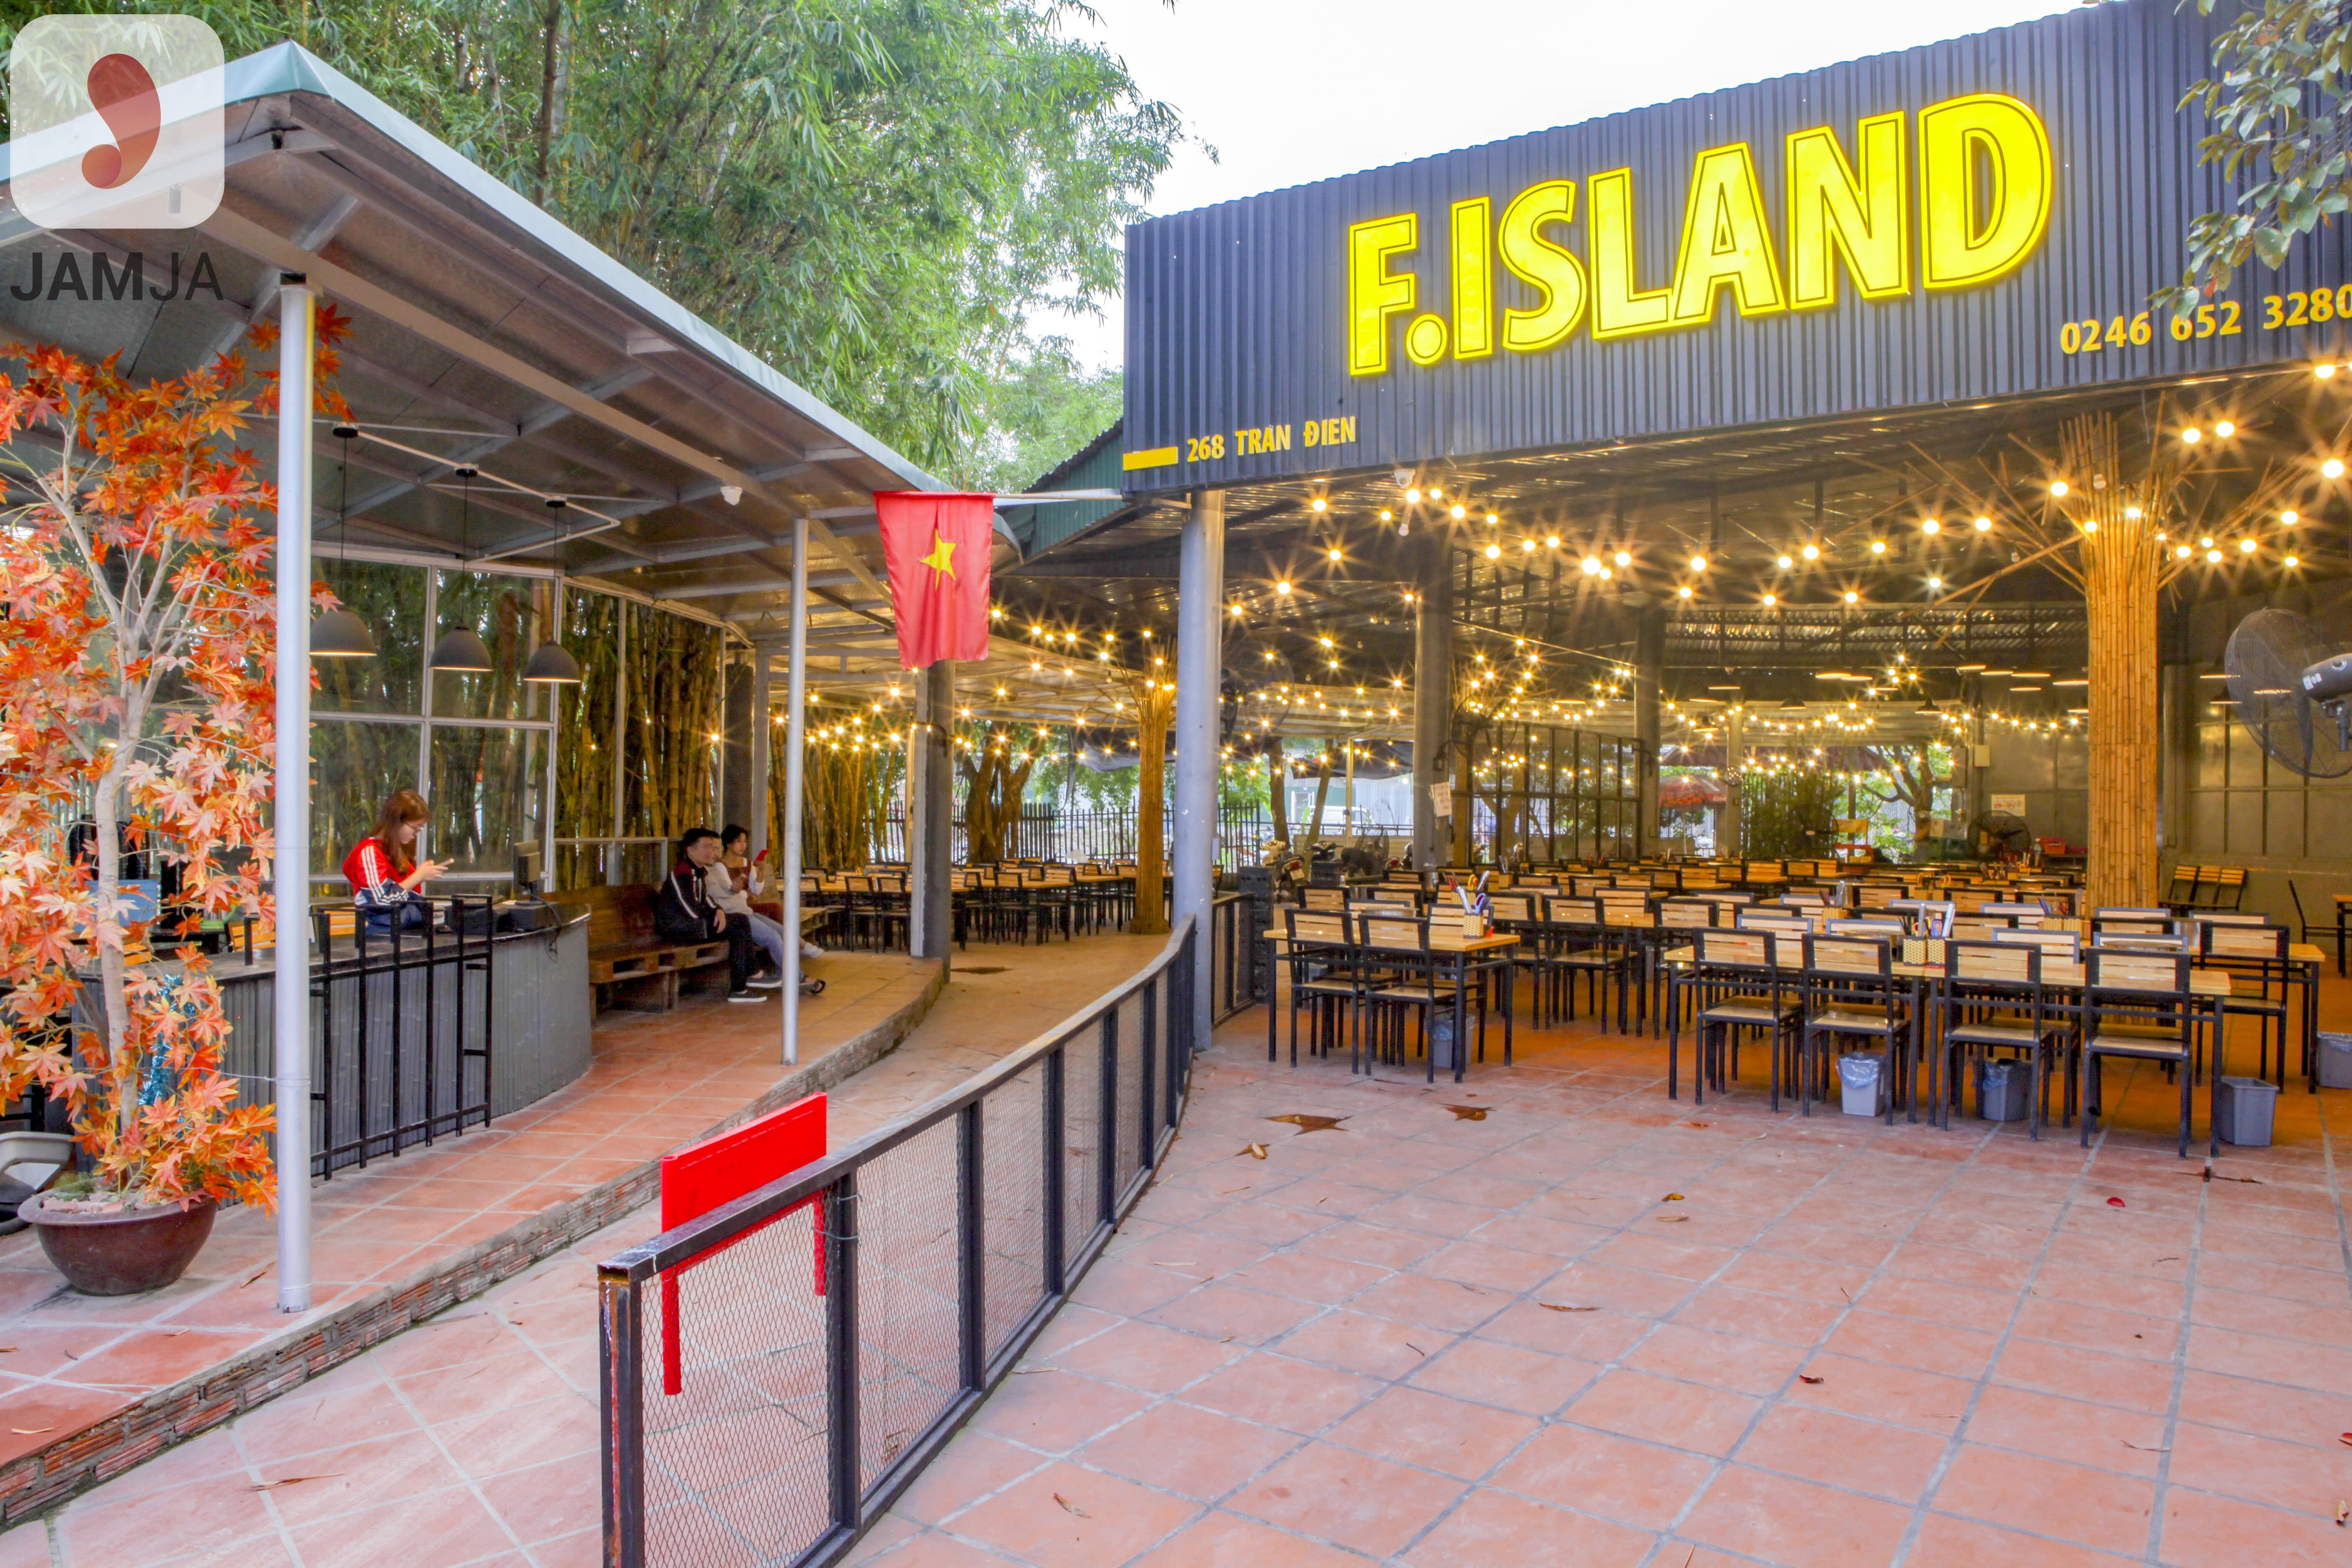 Nhà hàng F.Island